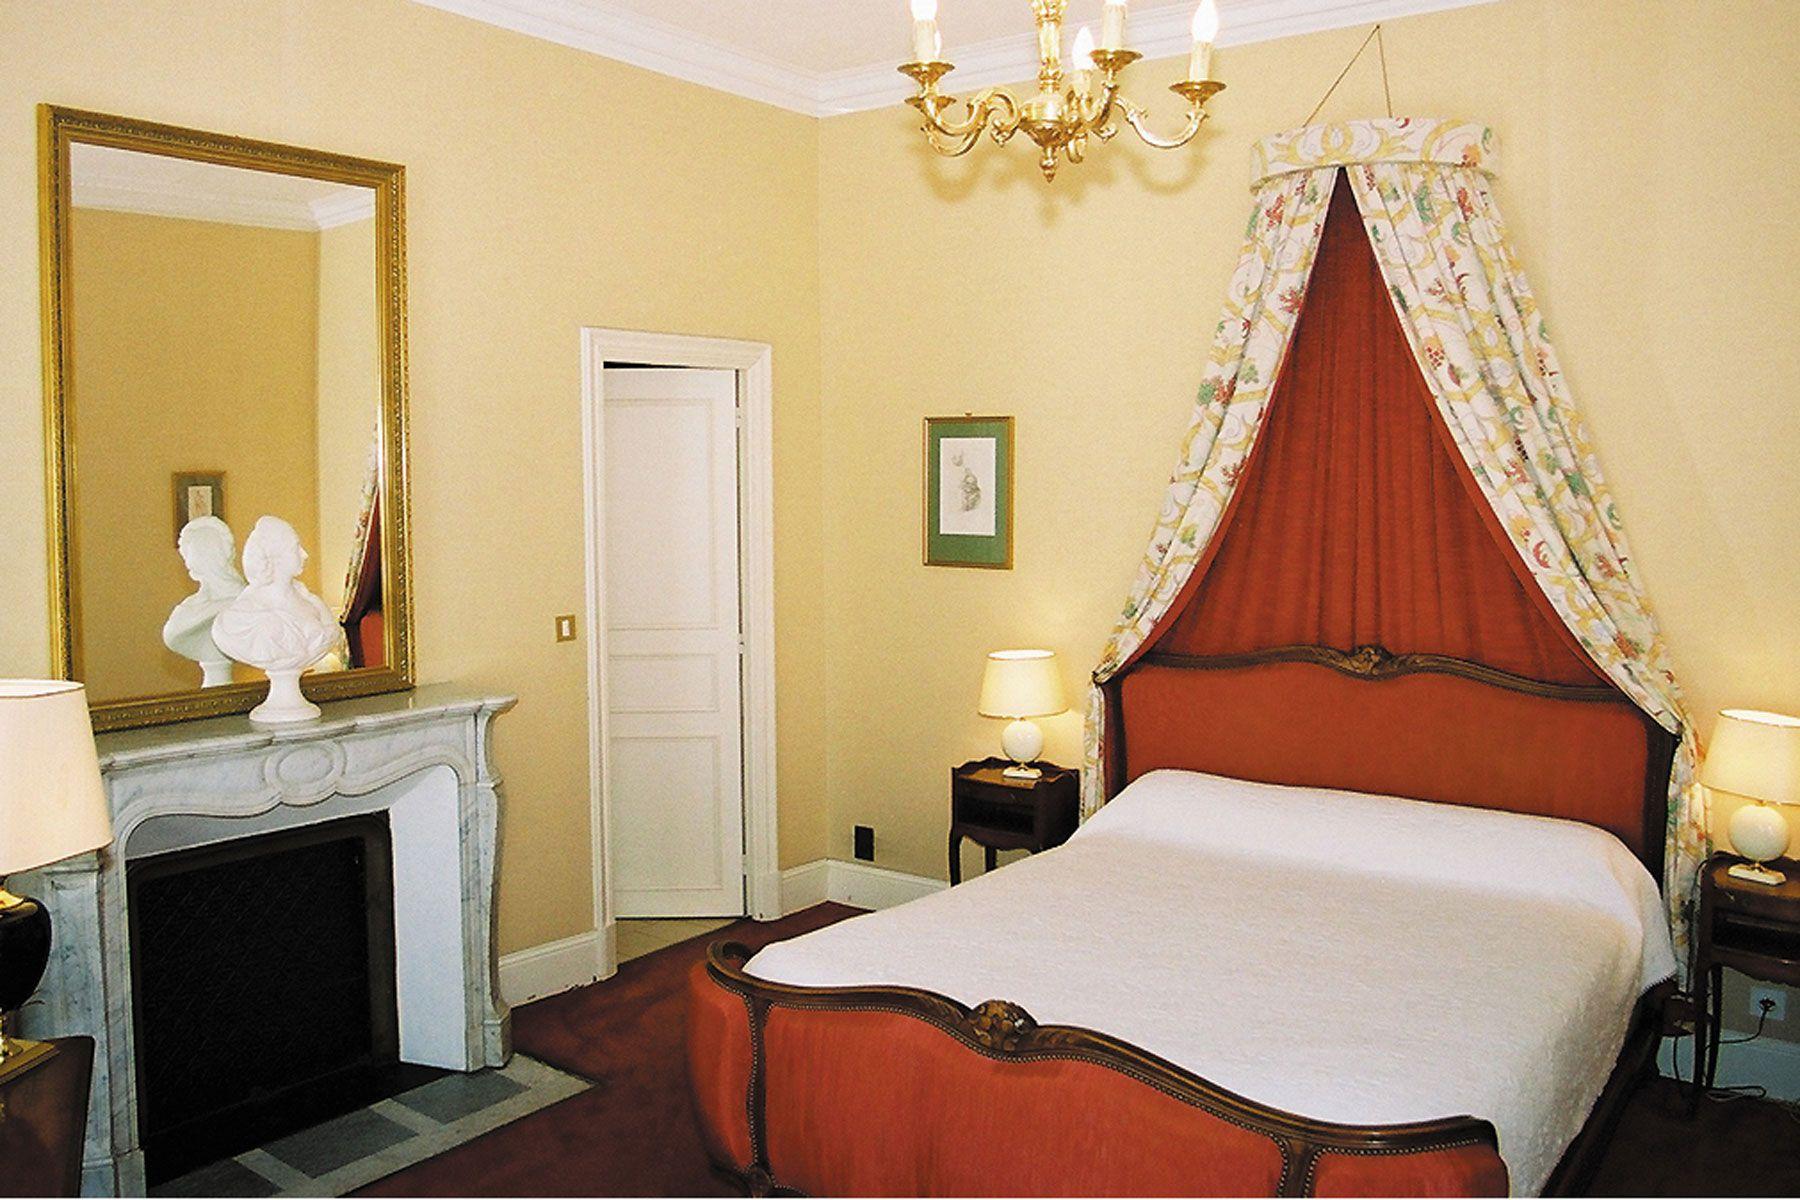 Suite Edward 1er - Hotel Edward 1er - Dordogne